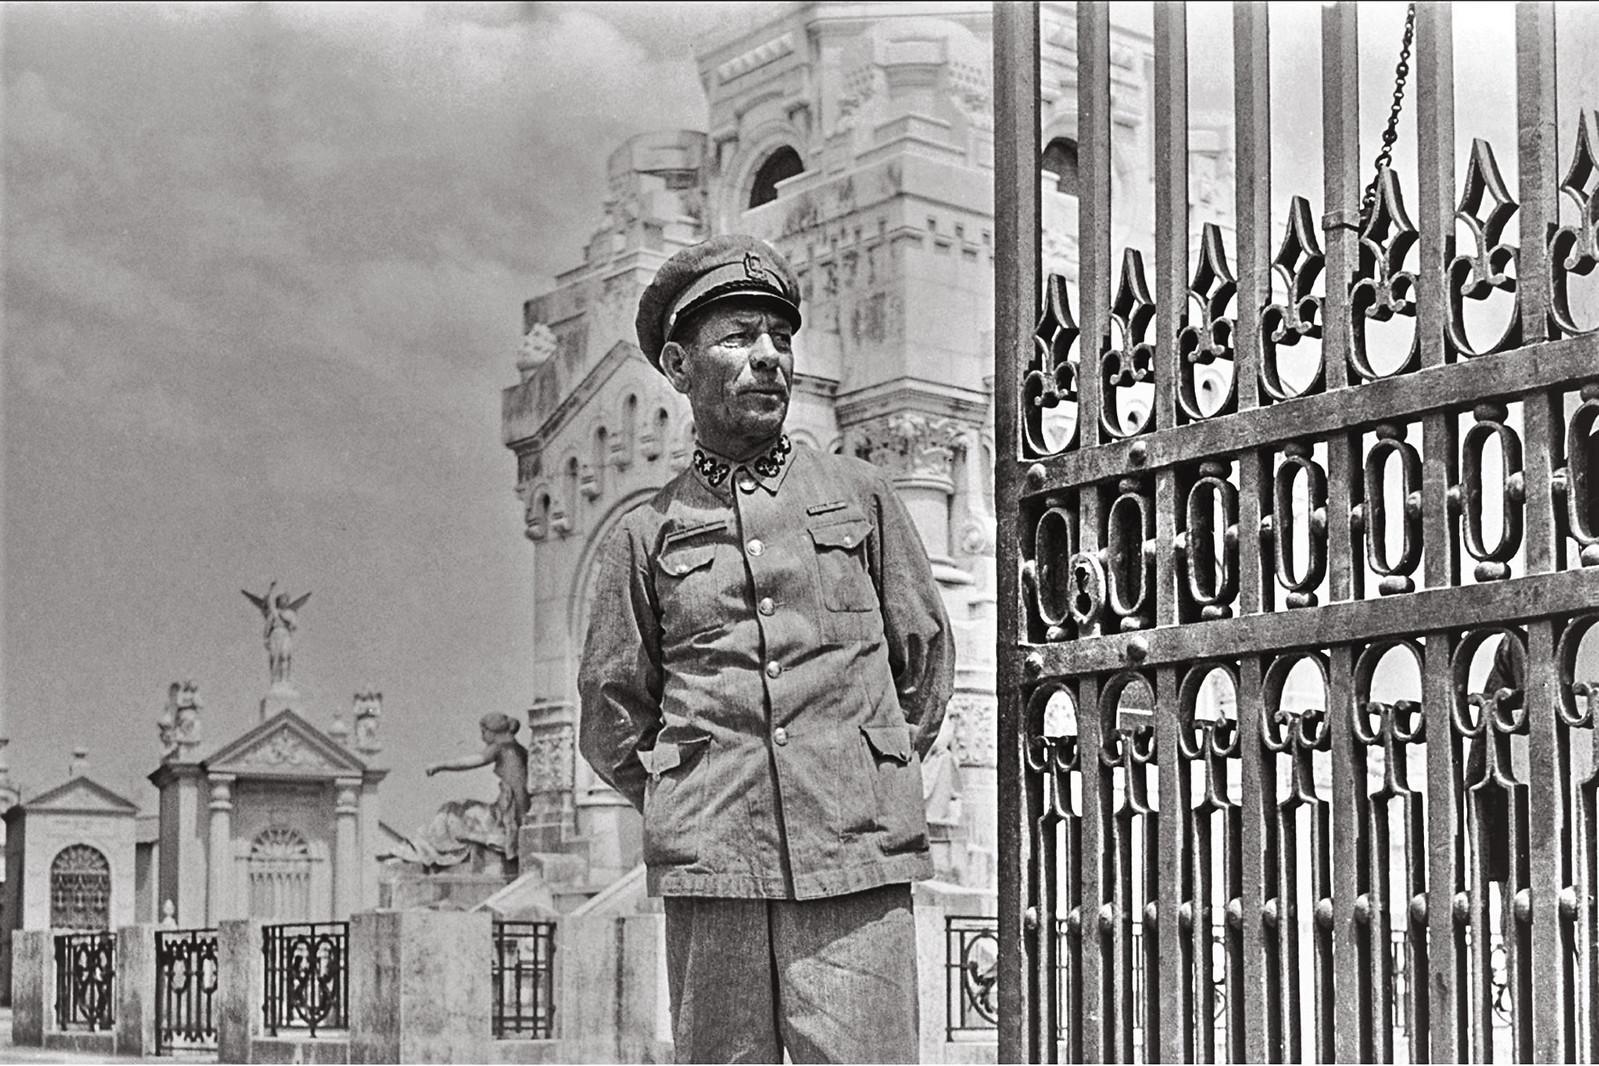 Guarda de 1.ª — Dir. dos Serv. de Salubridade do Município de Lisboa, Cemitério do Alto de São João (Ant.º Passaporte, 1944)